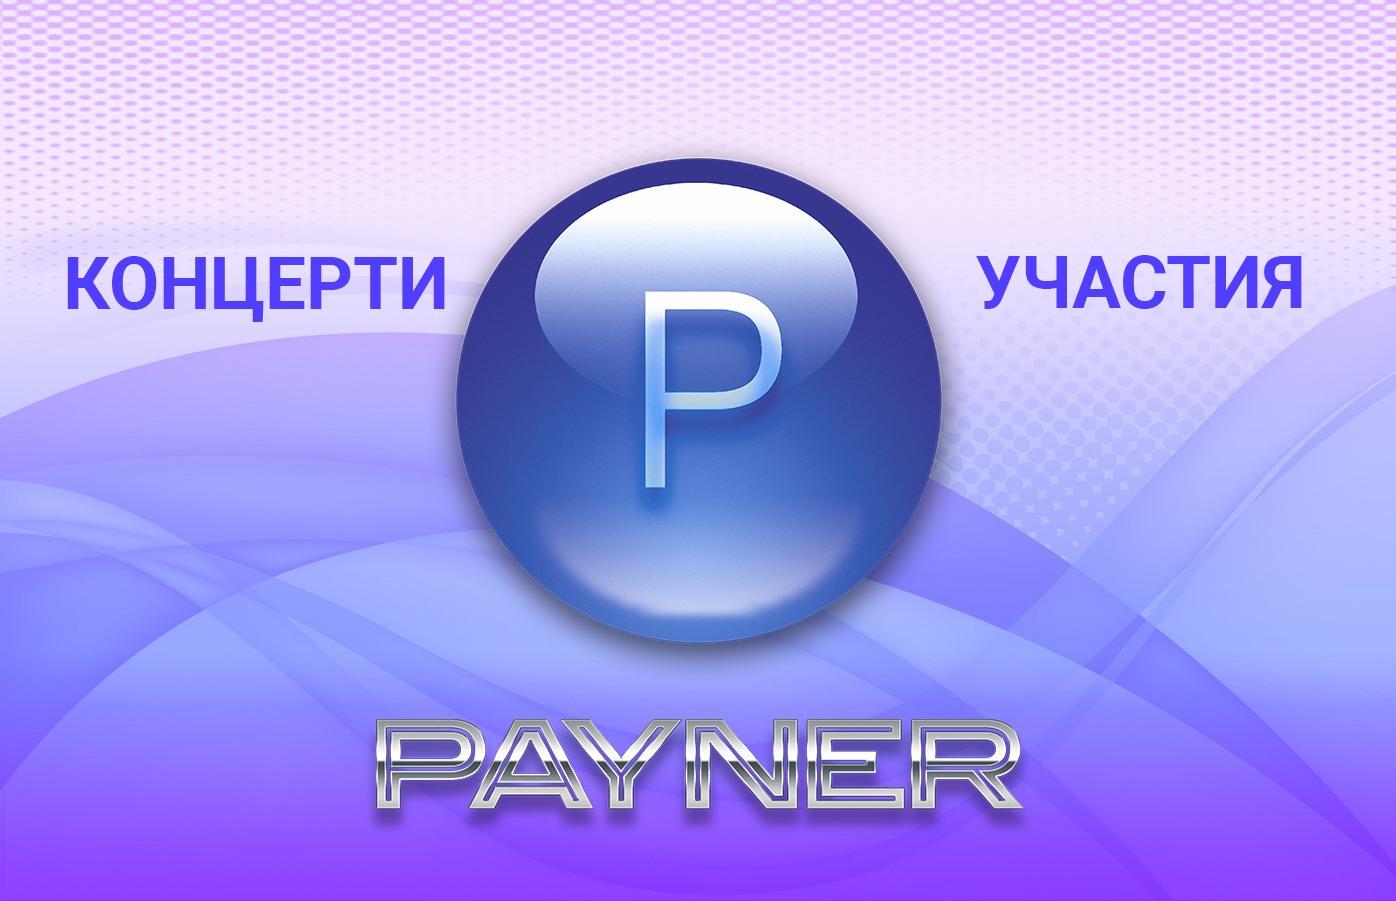 """Участия на звездите на """"Пайнер"""" на 19.09.2018"""